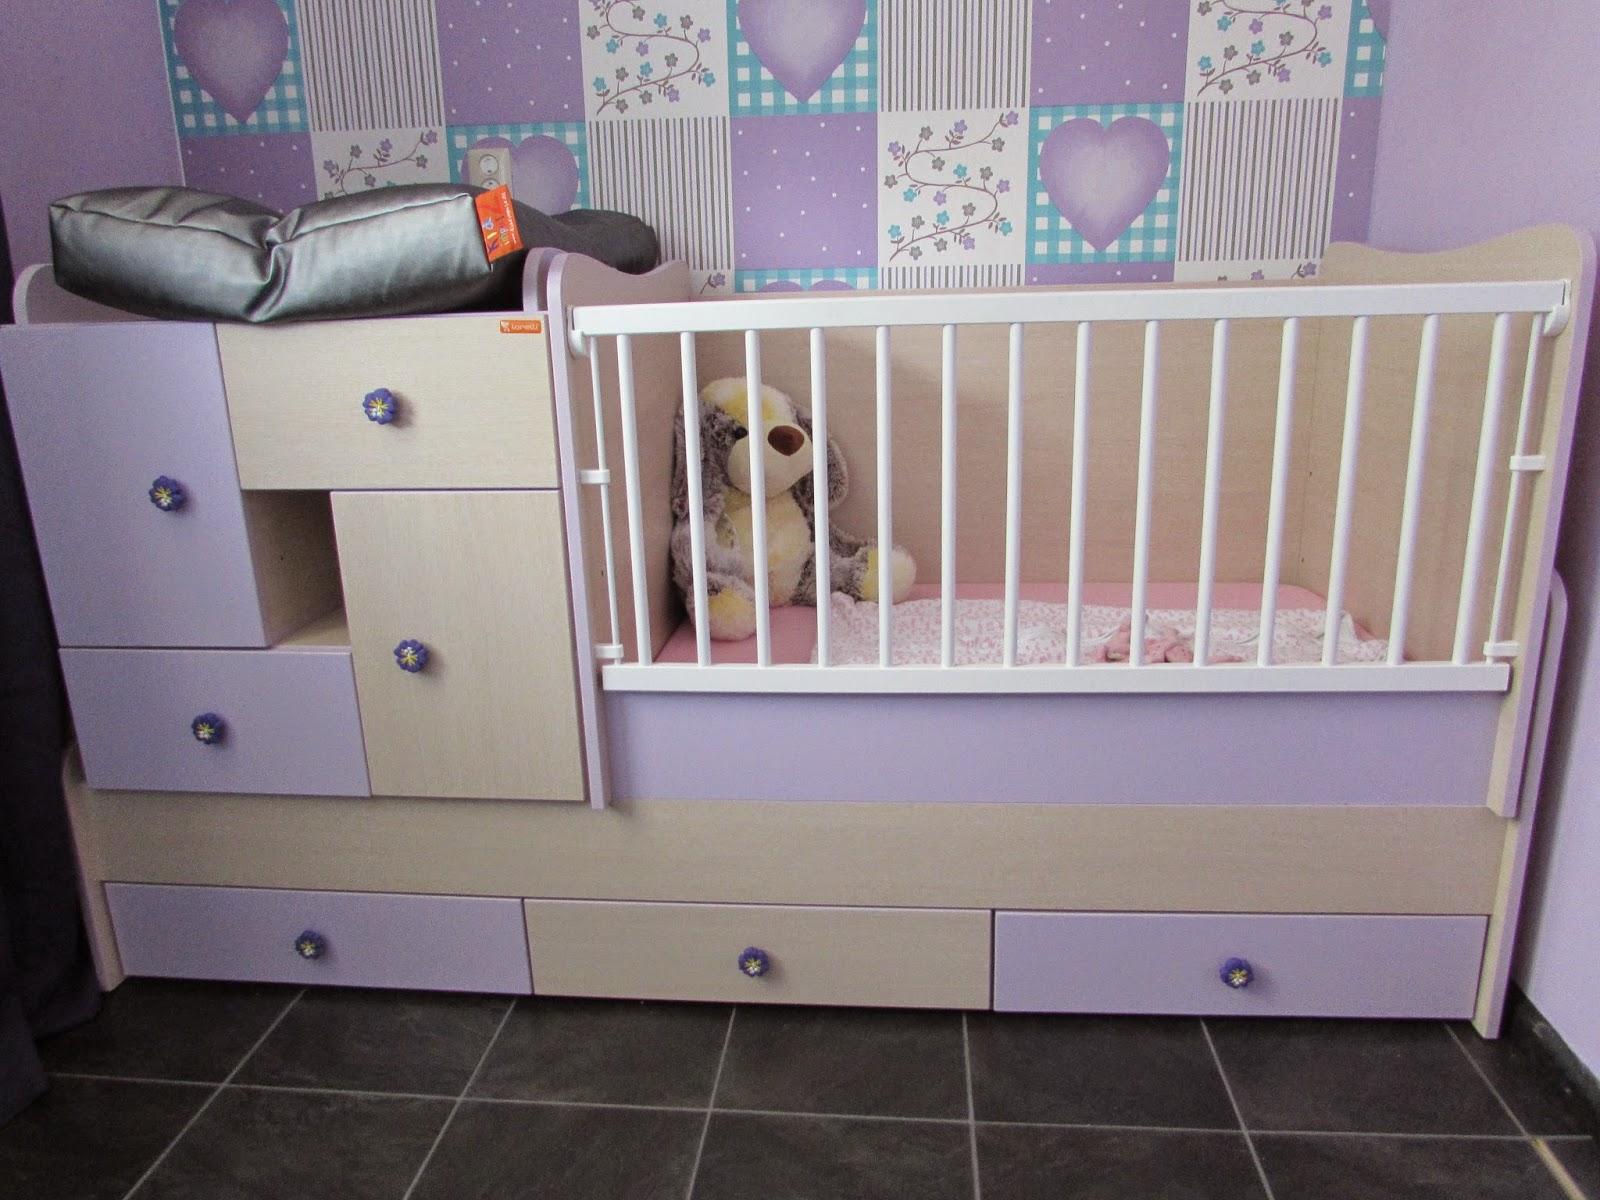 Plafondlamp Babykamer Voorbeelden : Transformeerbare babykamers en in met schommel systeem